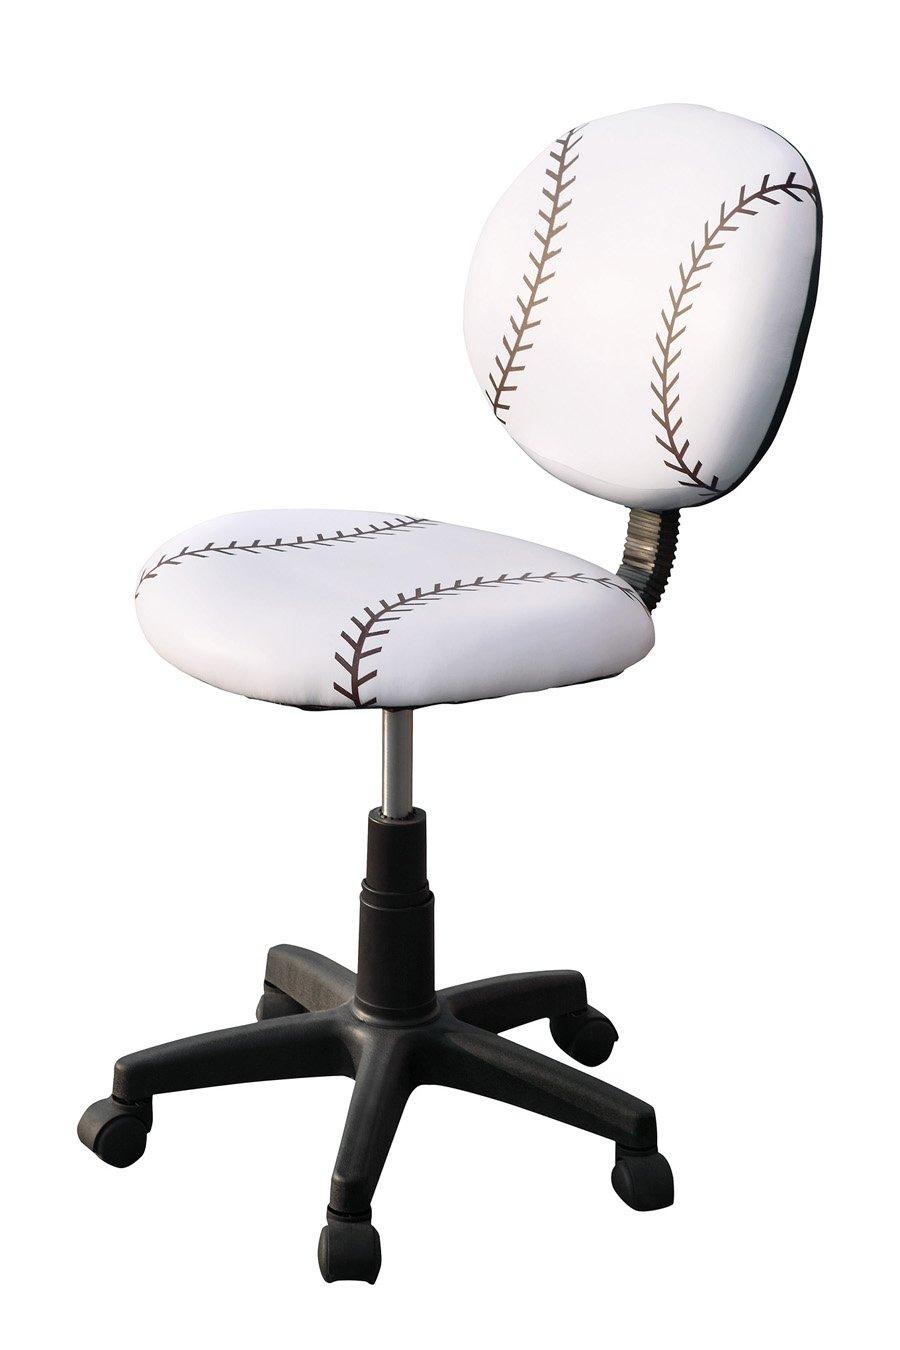 Baseball desk chair - Baseball Desk Chair 0